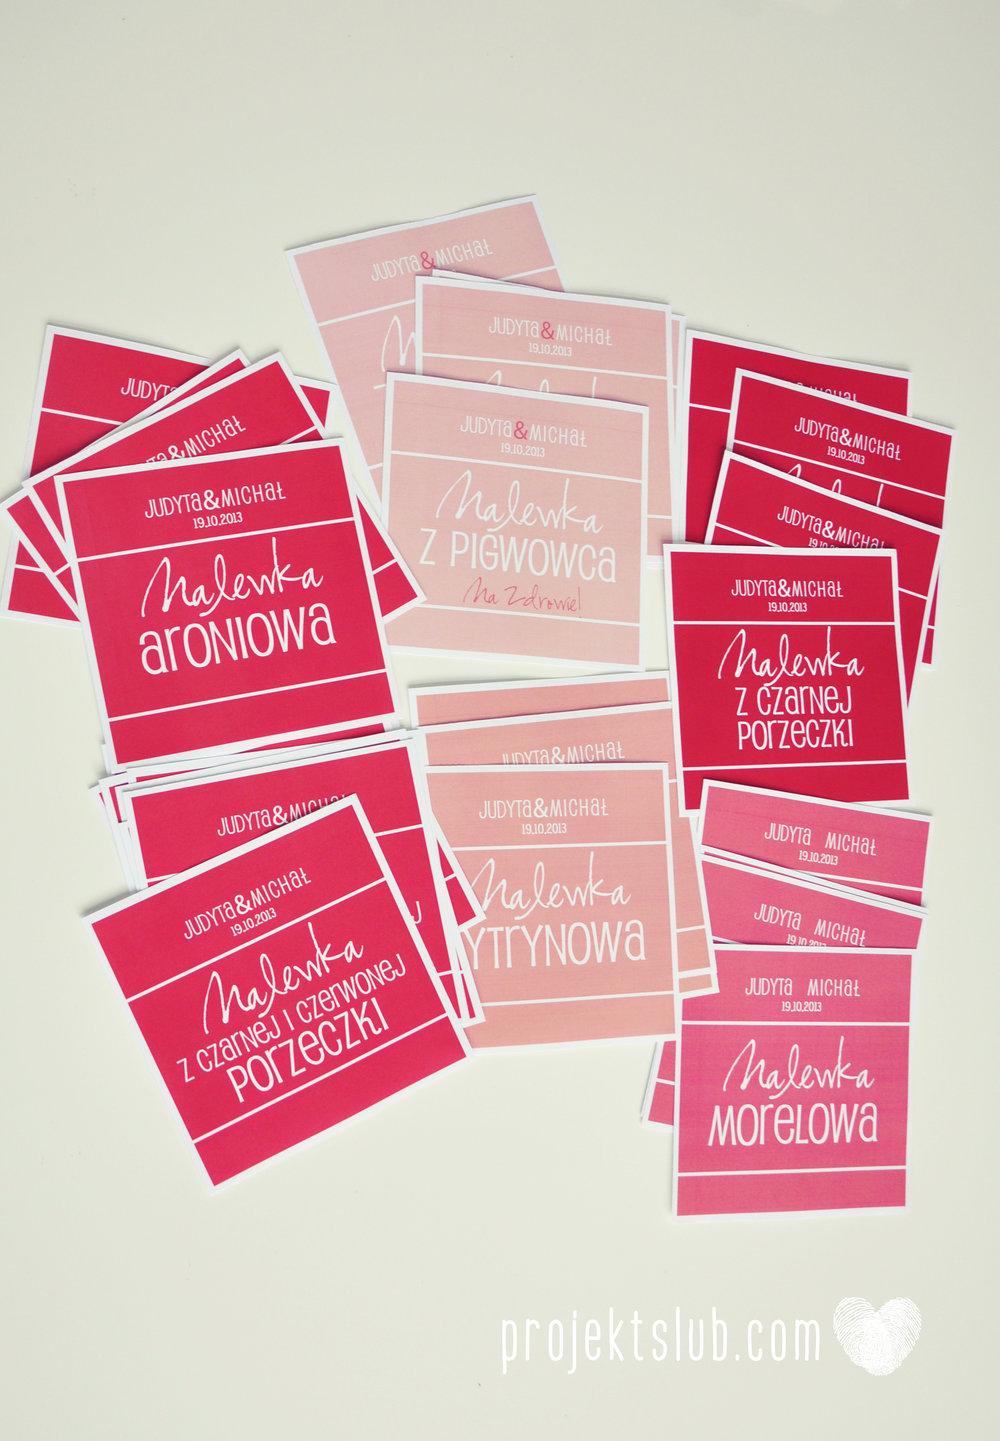 oryginalne zaproszenia i dodatki ślubne w odcieniach czerwieni bieli koralu i różu fraktale miłość serce Fraktalove Projekt Ślub (2).jpg